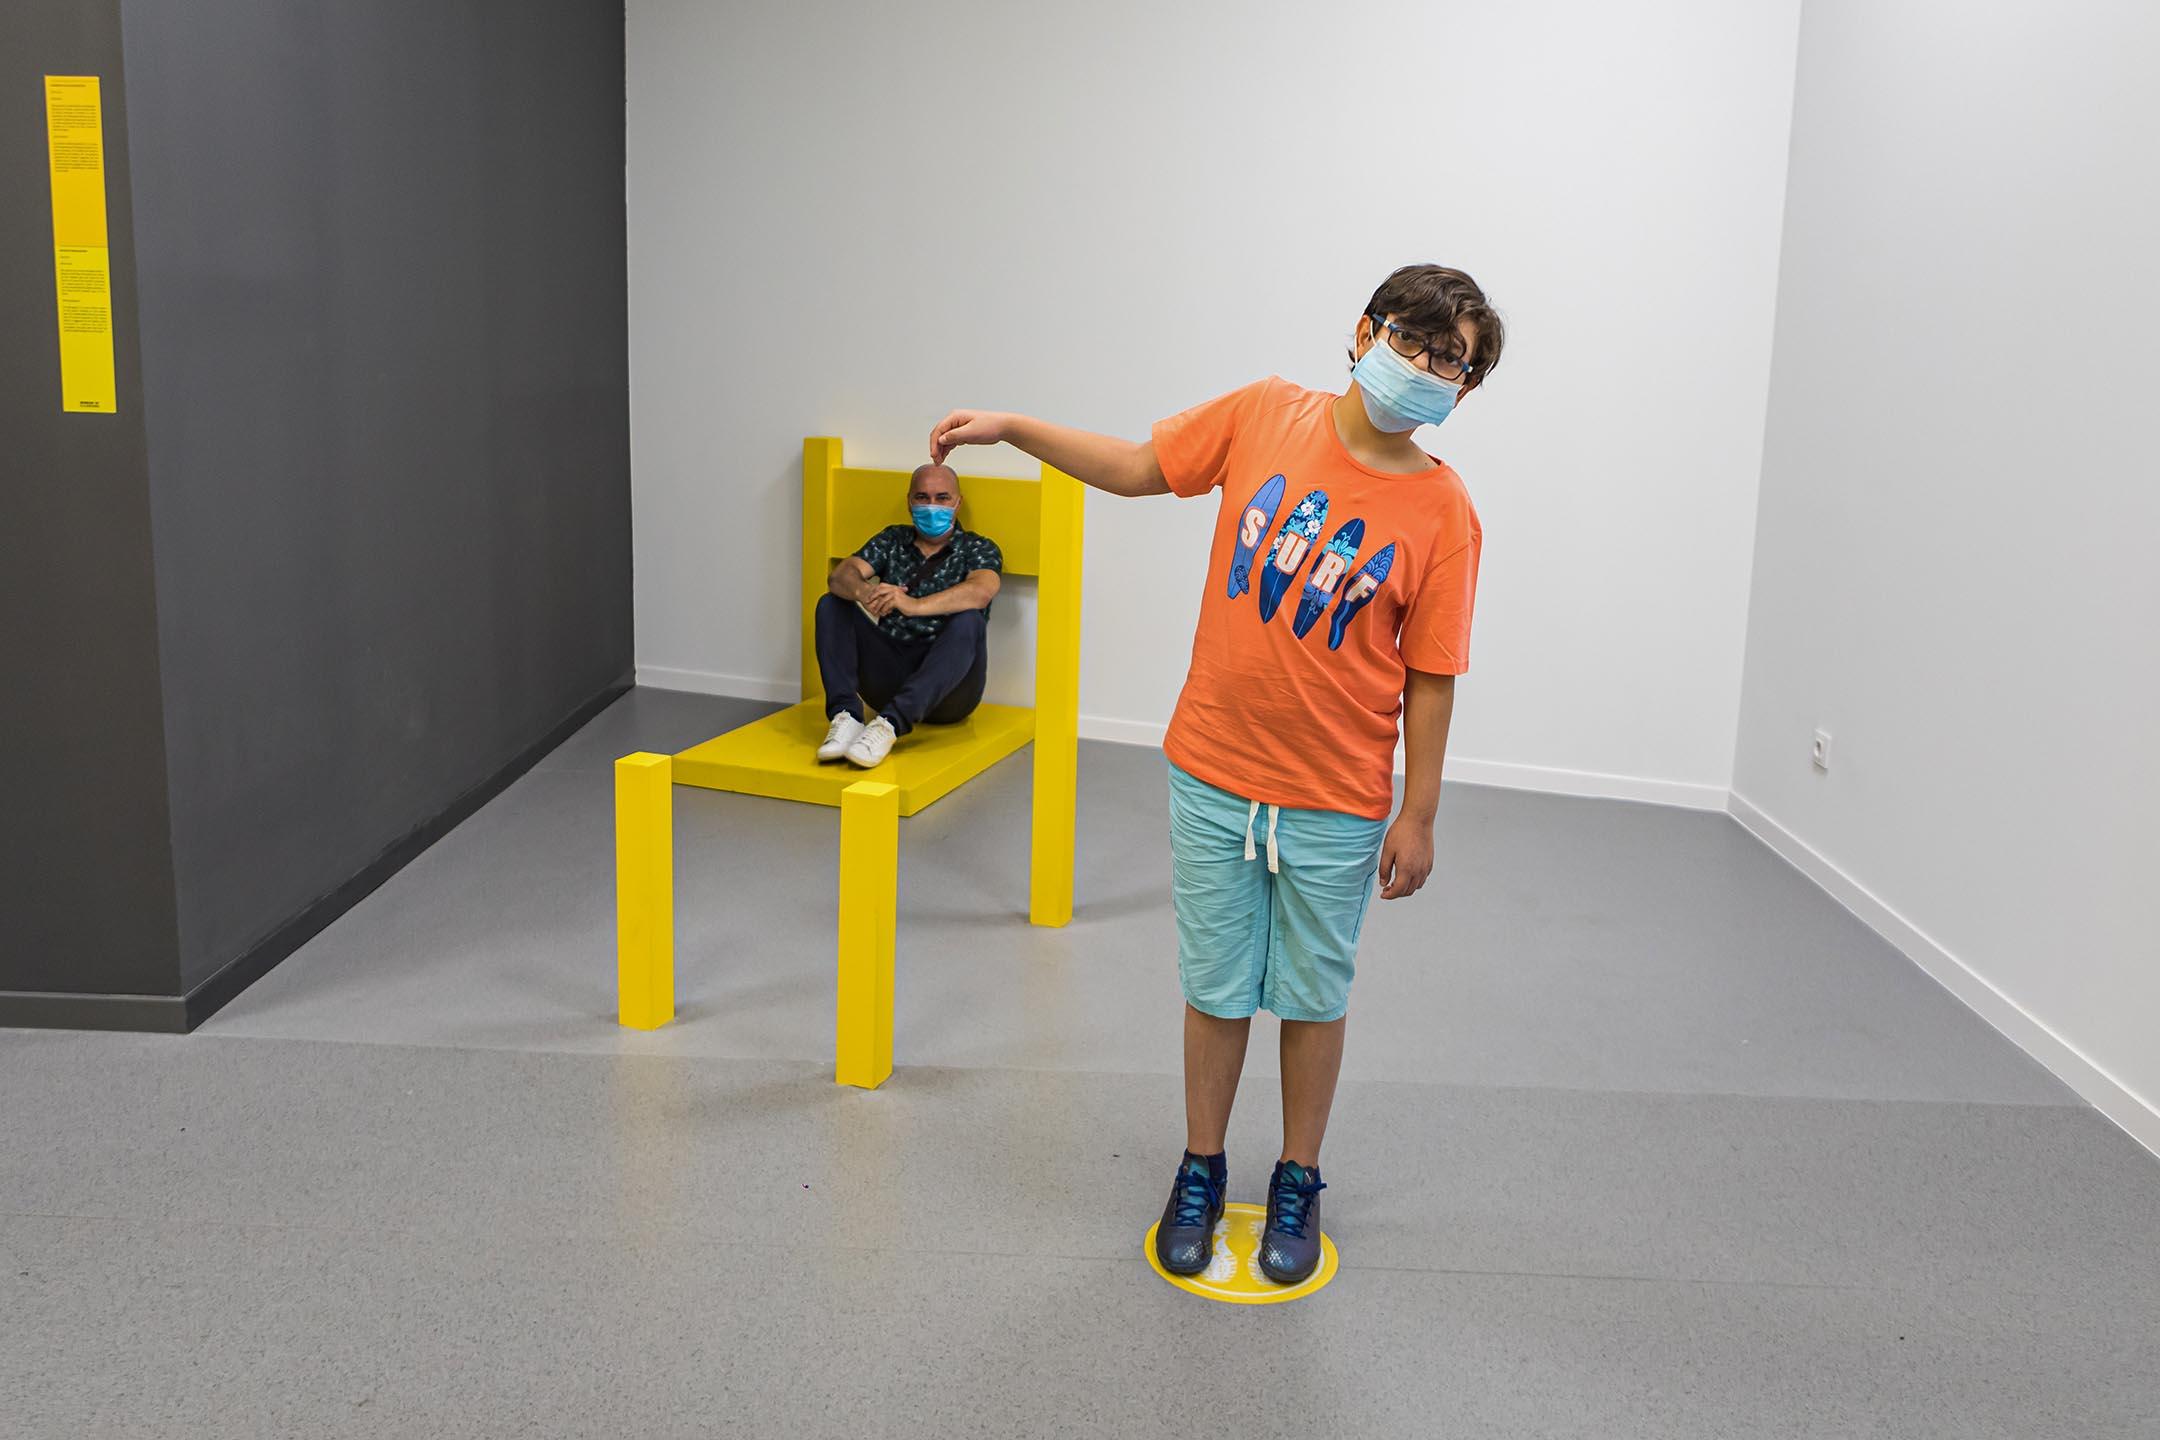 2020年6月25日西班牙馬德里,父親和兒子在幻象博物館內擺拍。